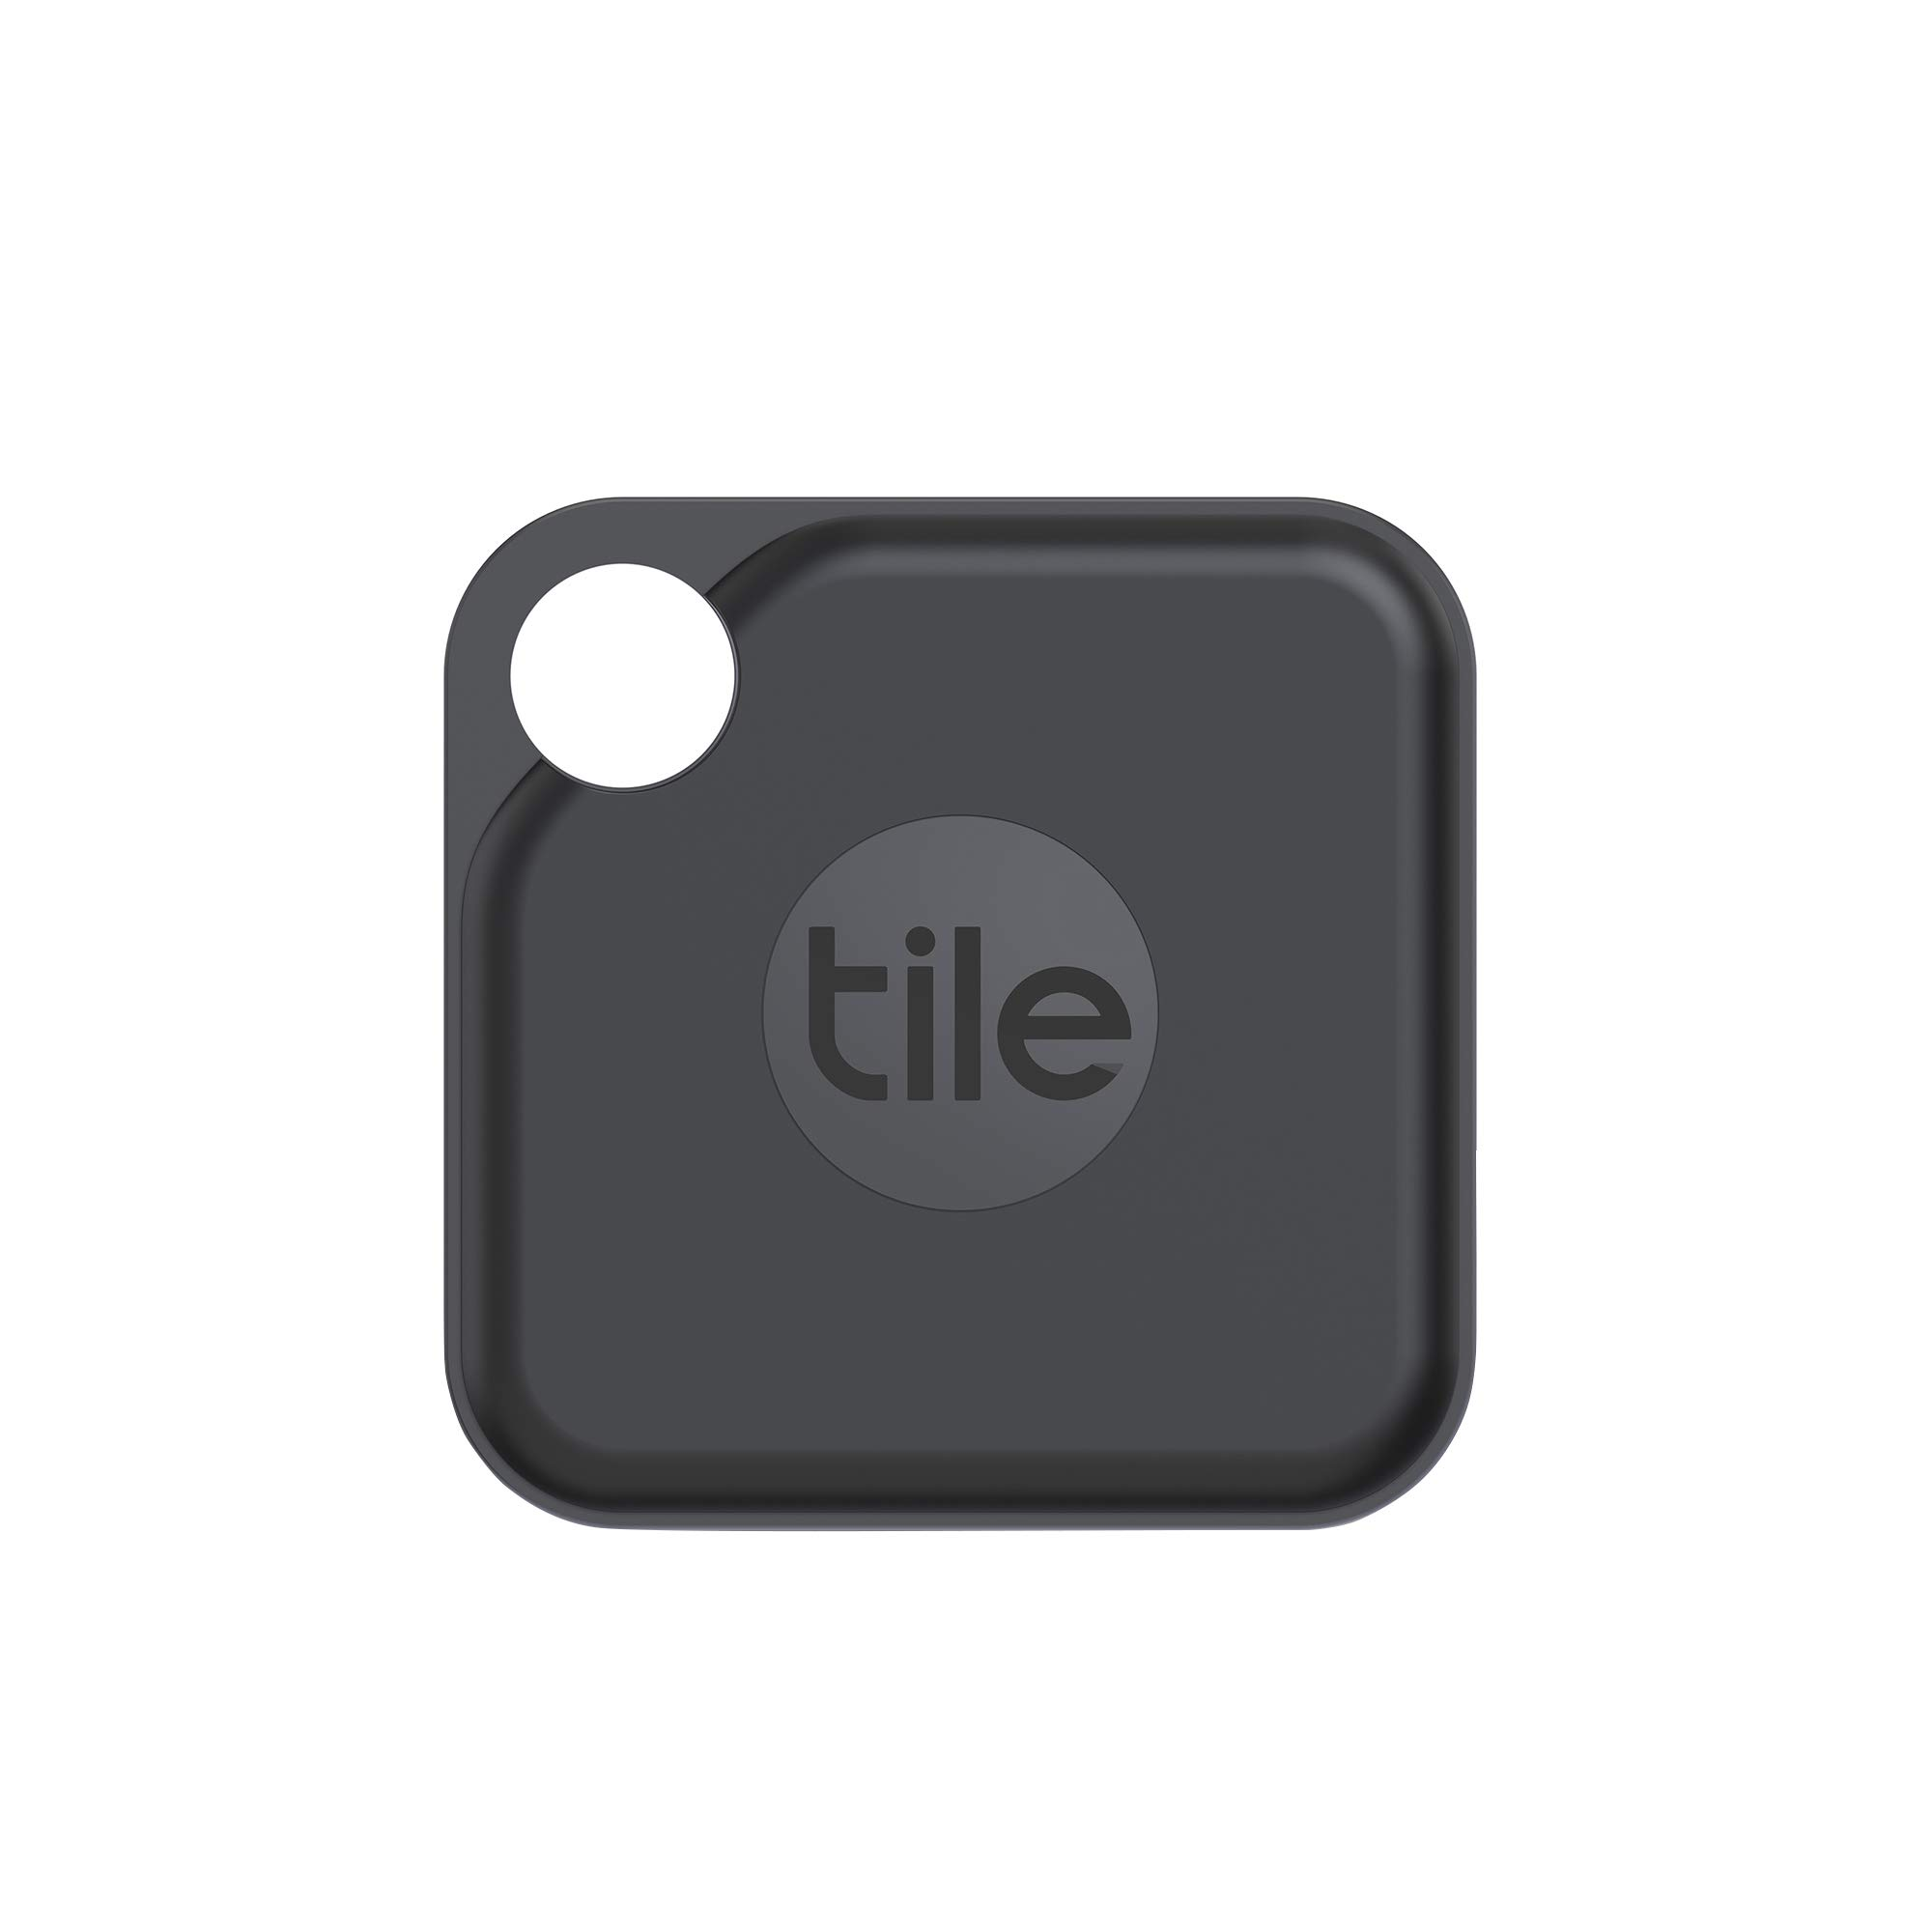 Tile Pro (2020) Bluetooth Schlüsselfinder Bild